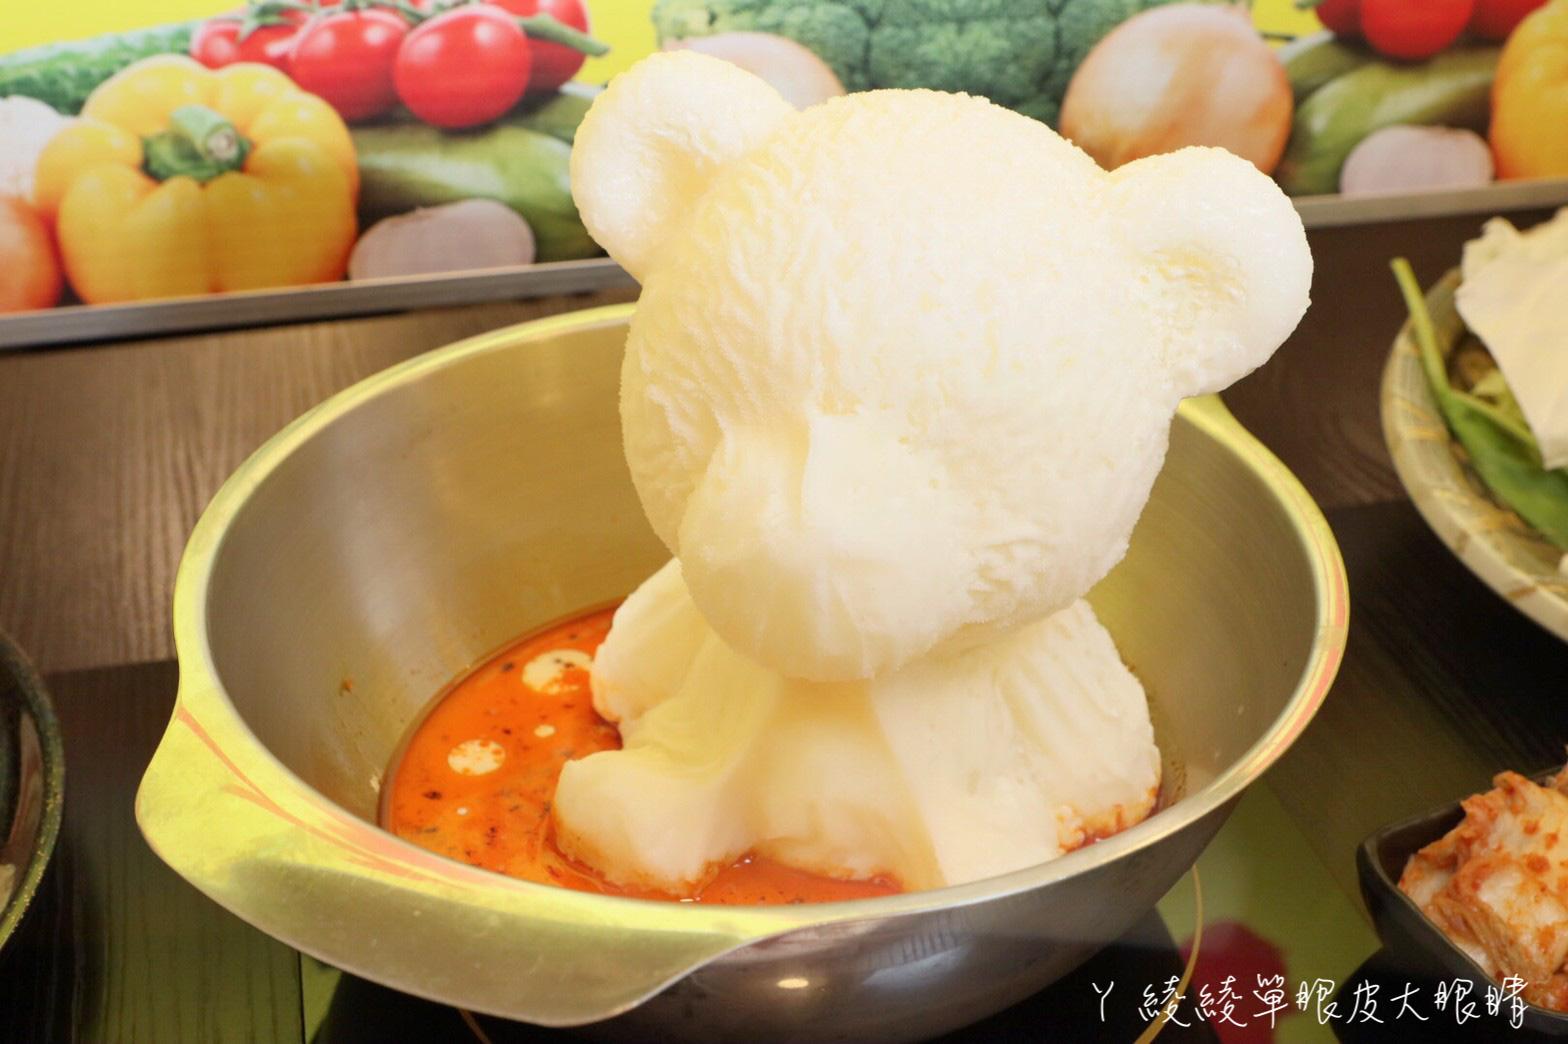 桃園火鍋麻六味鍋物|最便宜一鍋只要二百多元!超可愛熊熊泡湯鍋,超過20種蔬食自助吧全部吃到飽